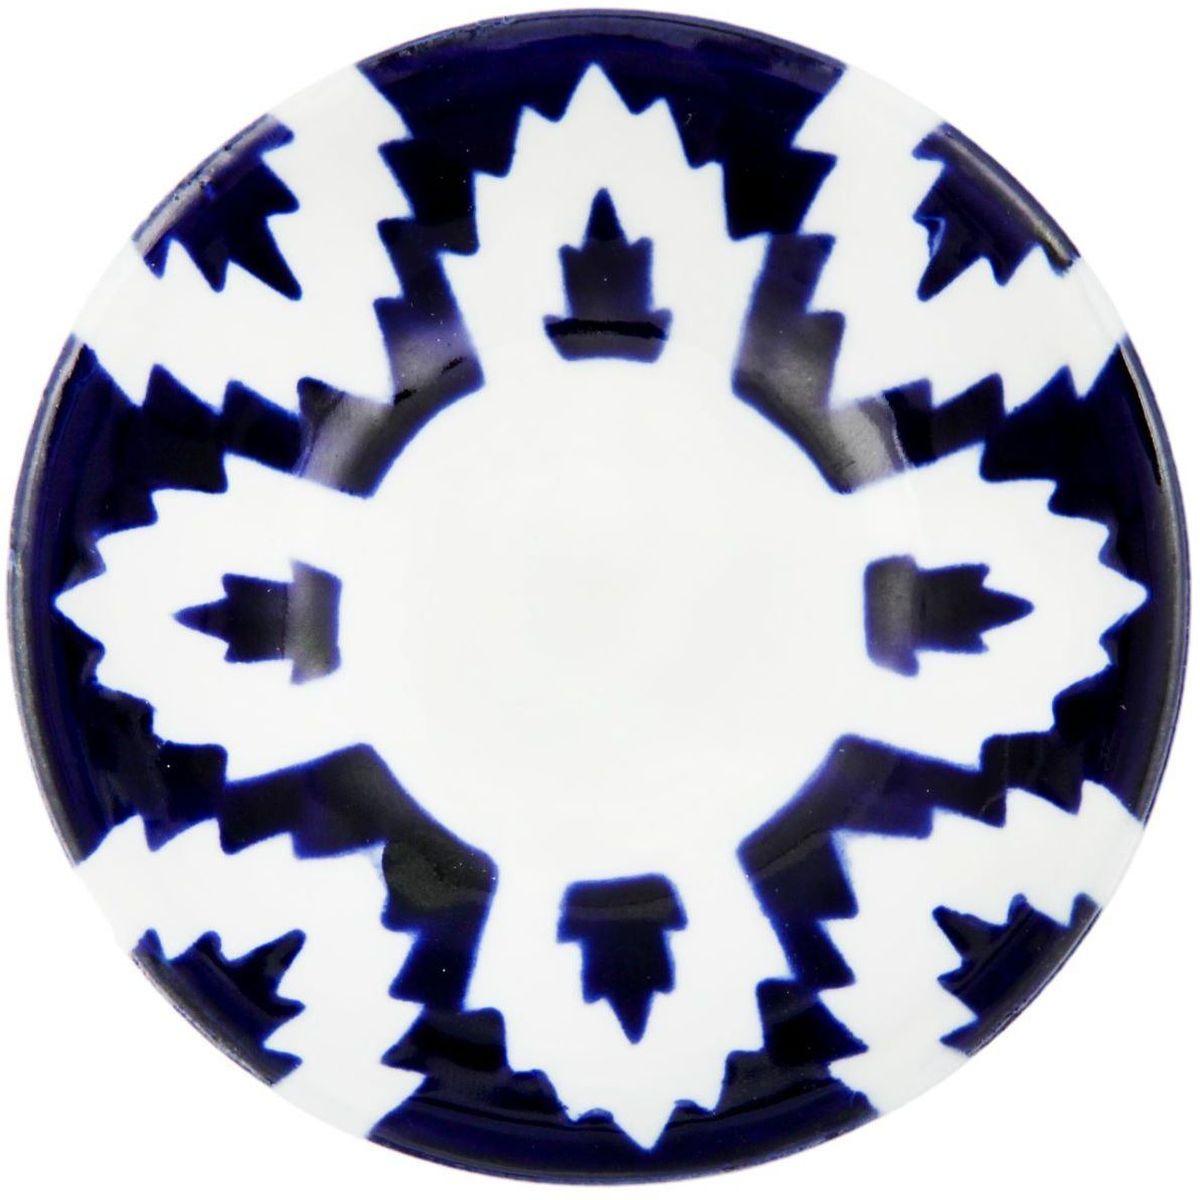 Икорница Turon Porcelain Атлас, цвет: белый, синий, диаметр 10,5 см1625393Узбекская посуда известна всему миру уже более тысячи лет. Ей любовались царские особы, на ней подавали еду для шейхов и знатных персон. Формулы красок и глазури передаются из поколения в поколение. По сей день качественные расписные изделия продолжают восхищать совершенством и завораживающей красотой. Икорница Turon Porcelain Атлас подойдет для повседневной и праздничной сервировки. Дополните стол текстилем и салфетками в тон, чтобы получить элегантное убранство с яркими акцентами.Национальная узбекская роспись Атлас имеет симметричный геометрический рисунок. Узоры, похожие на листья, выводятся тонкой кистью, фон заливается темно-синим кобальтом. Синий краситель при обжиге слегка растекается и придает контуру изображений голубой оттенок. Густая глазурь наносится толстым слоем, благодаря чему рисунок мерцает.